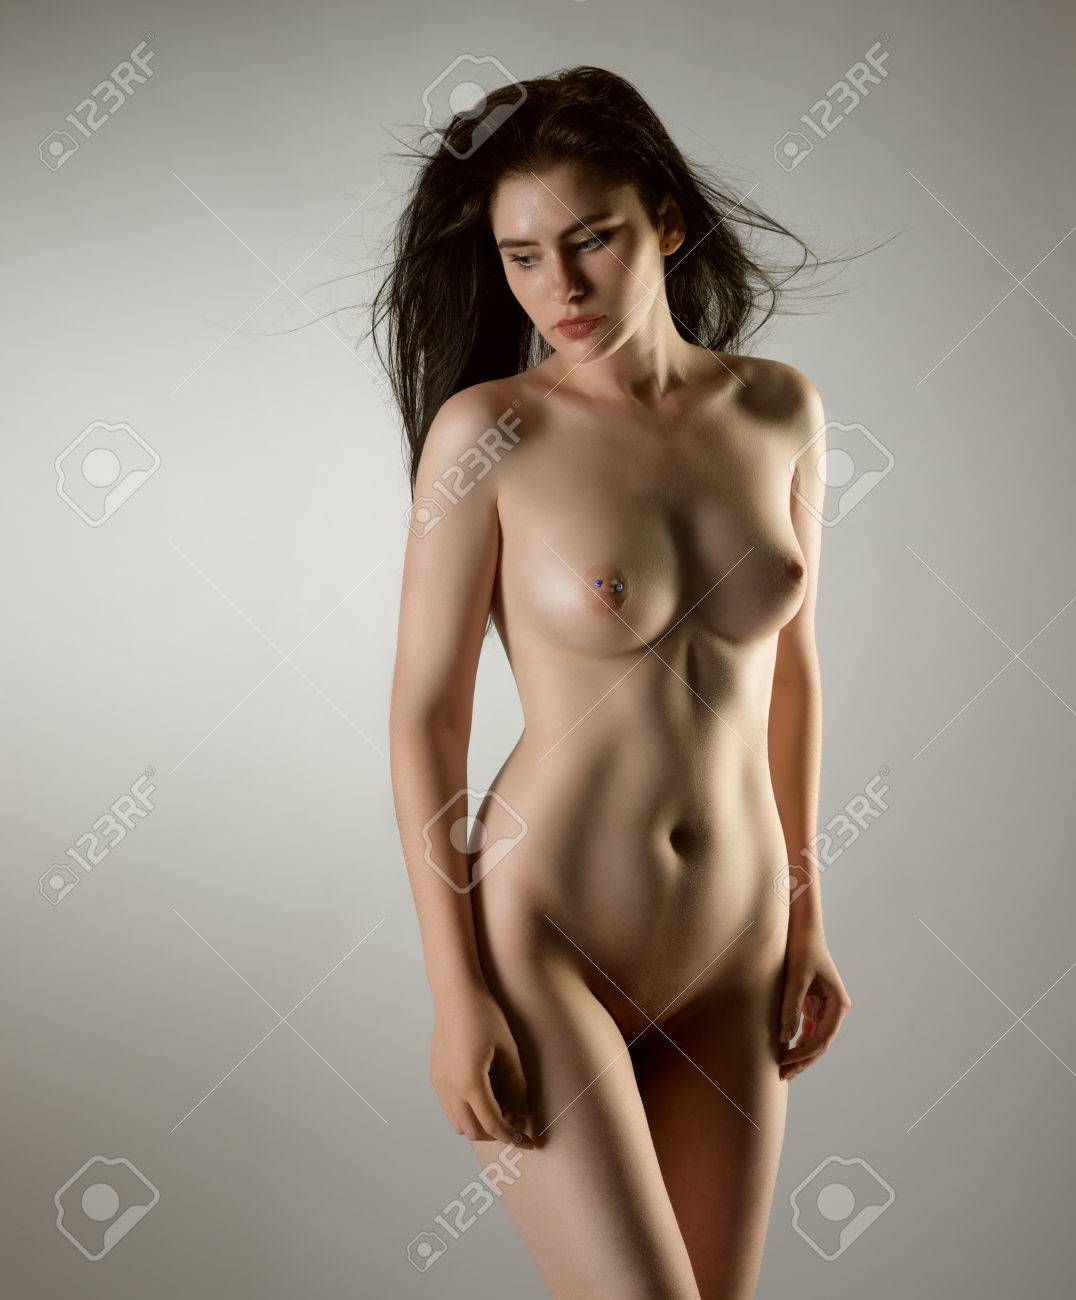 asiatische hubsche models nude pics